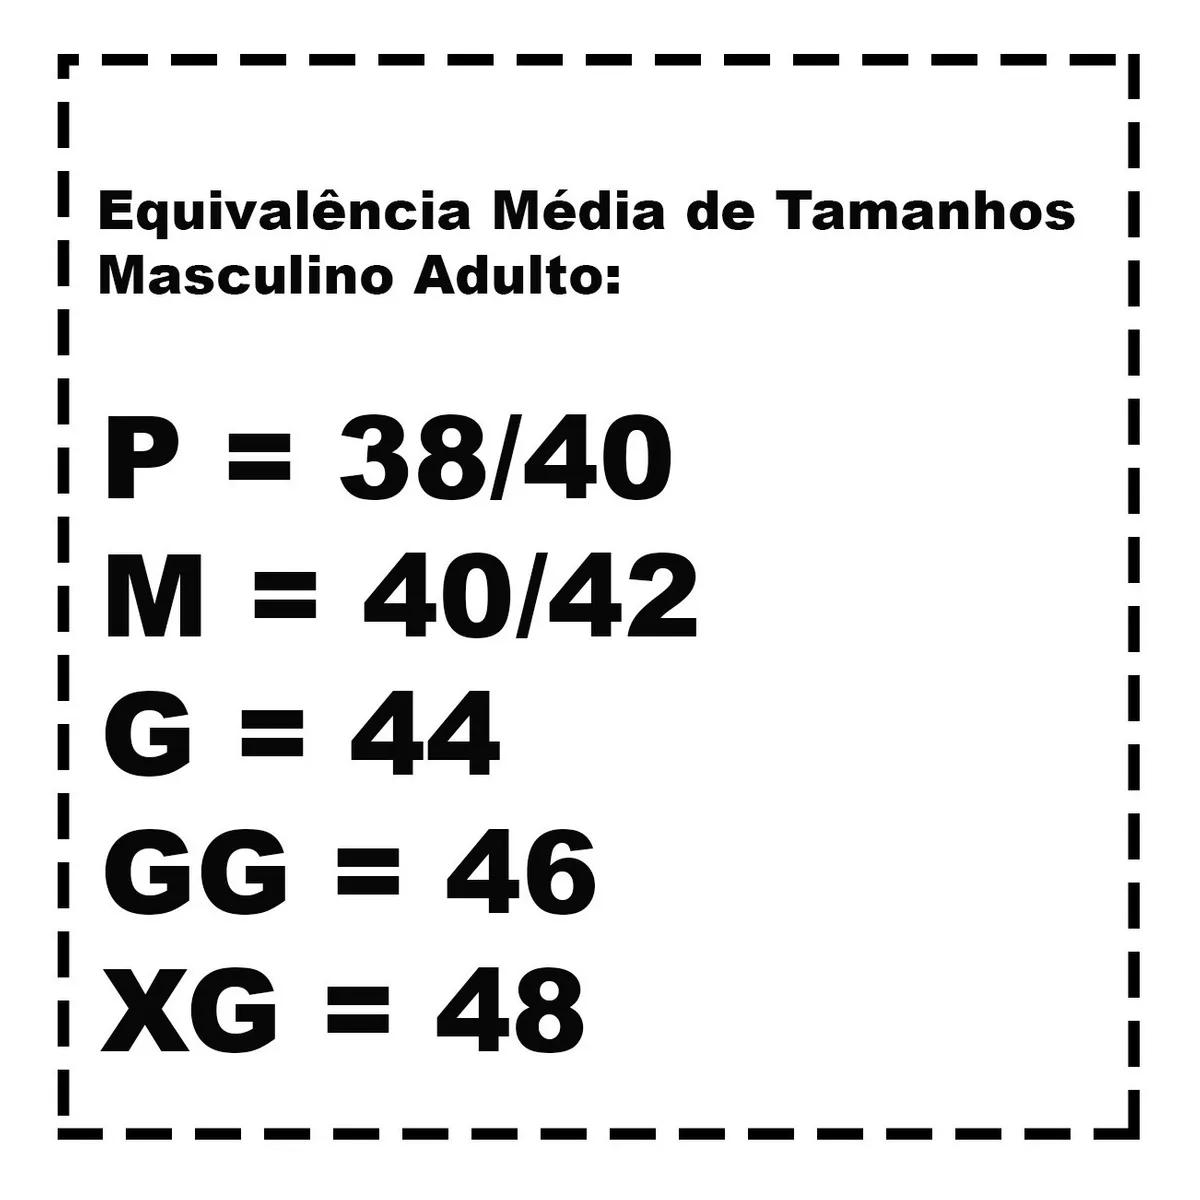 Samba Canção Cueca Short de Dormir Malha Masculino Adulto Ref: 4004